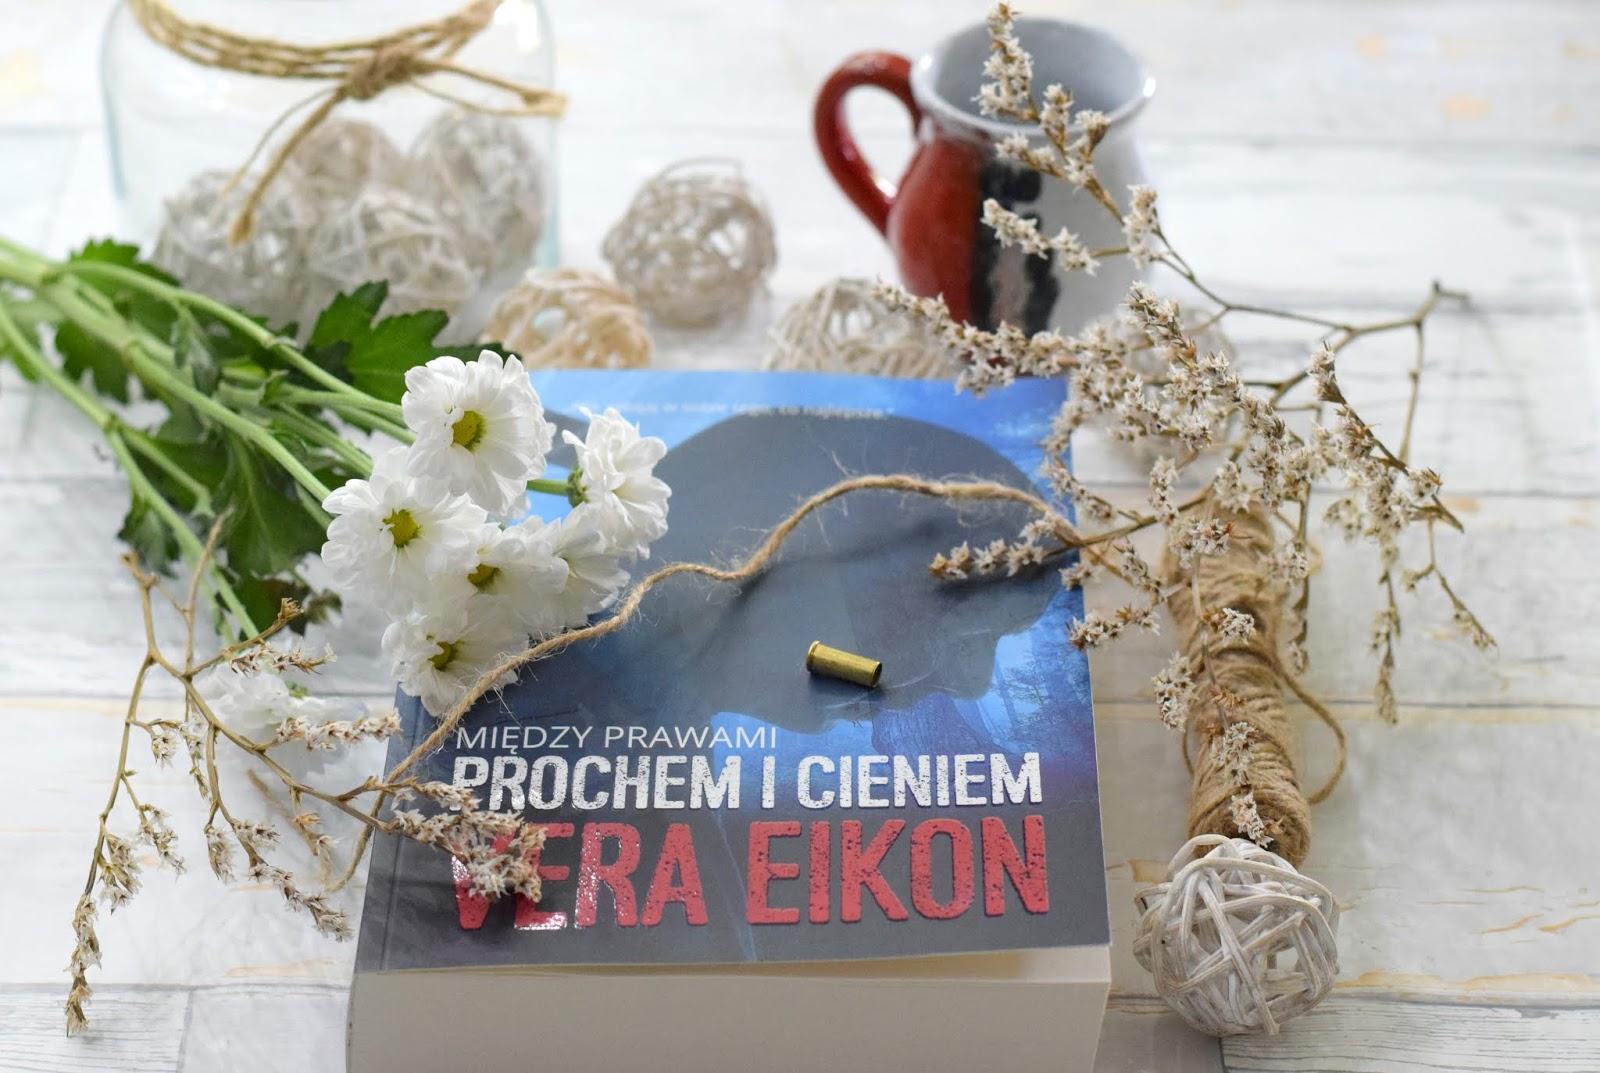 """""""MIĘDZY PRAWAMI. PROCHEM I CIENIEM"""" - VERA EIKON"""